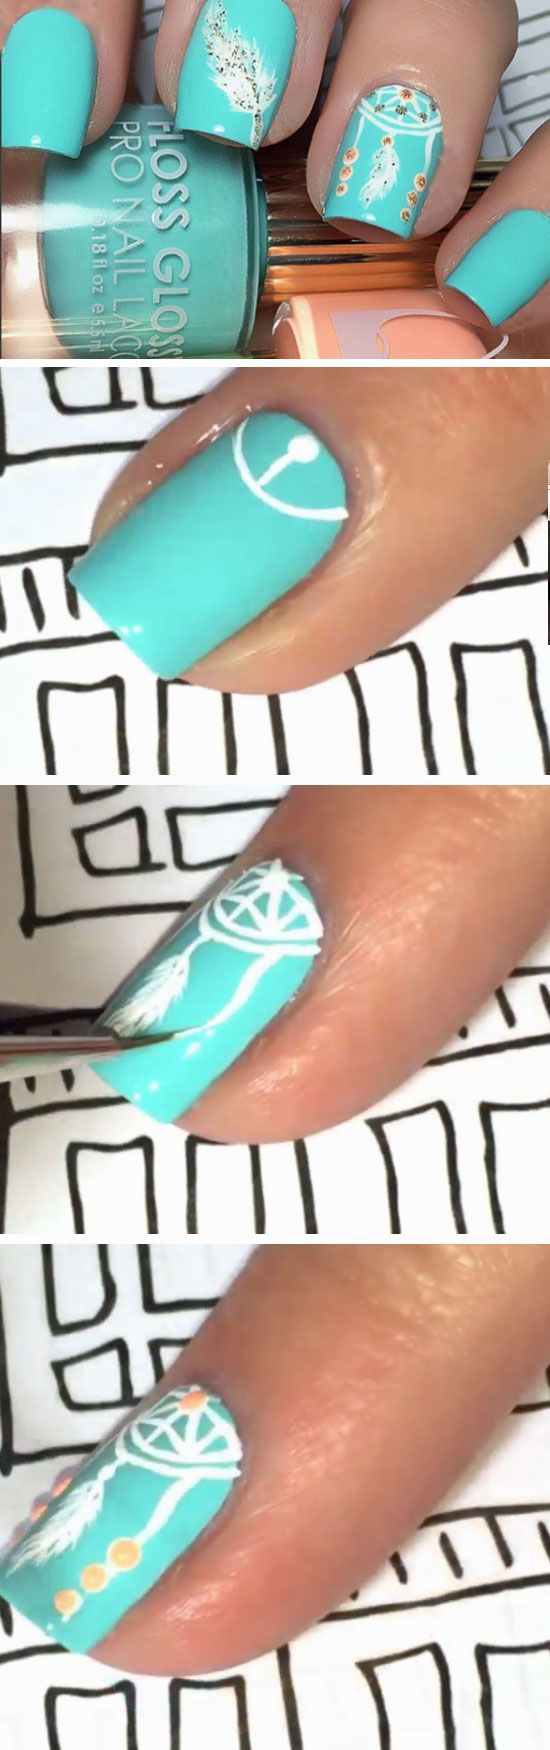 24 Easy Spring Nail Designs for Short Nails | Short nails, Spring ...